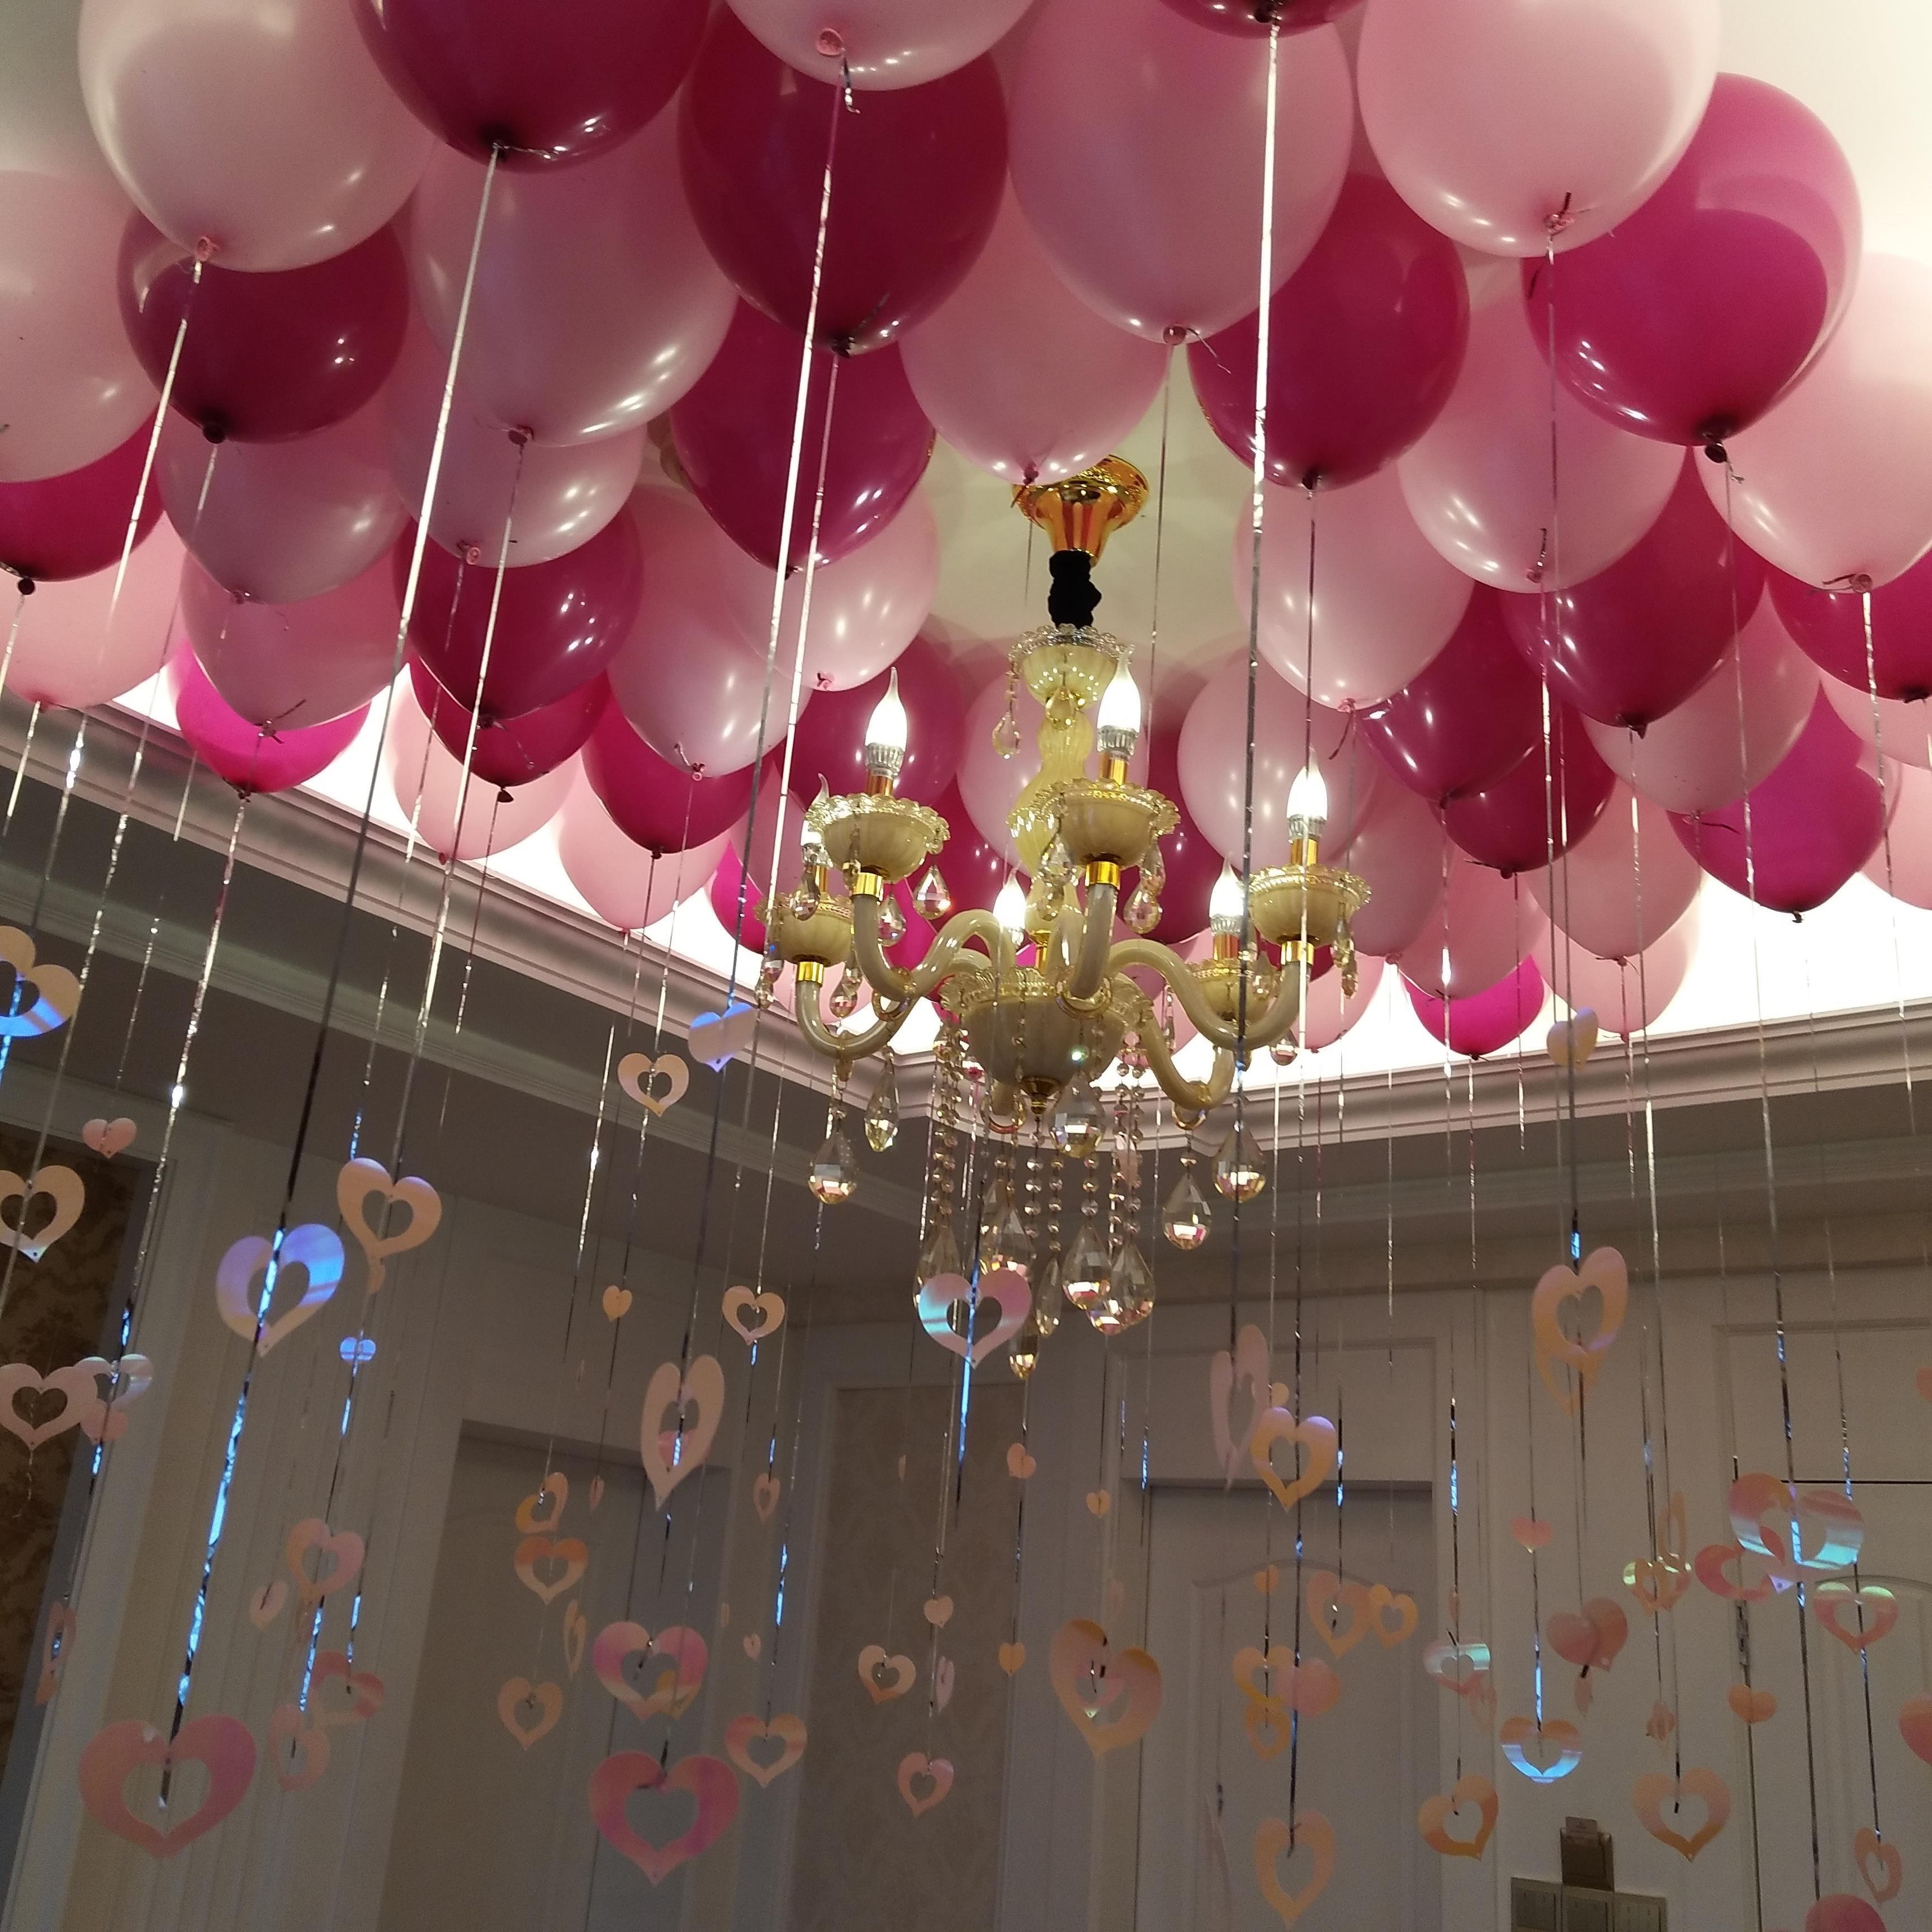 装饰品彩色六一儿童节装饰气球挂饰百日场景蛋糕百天宝宝布置生日